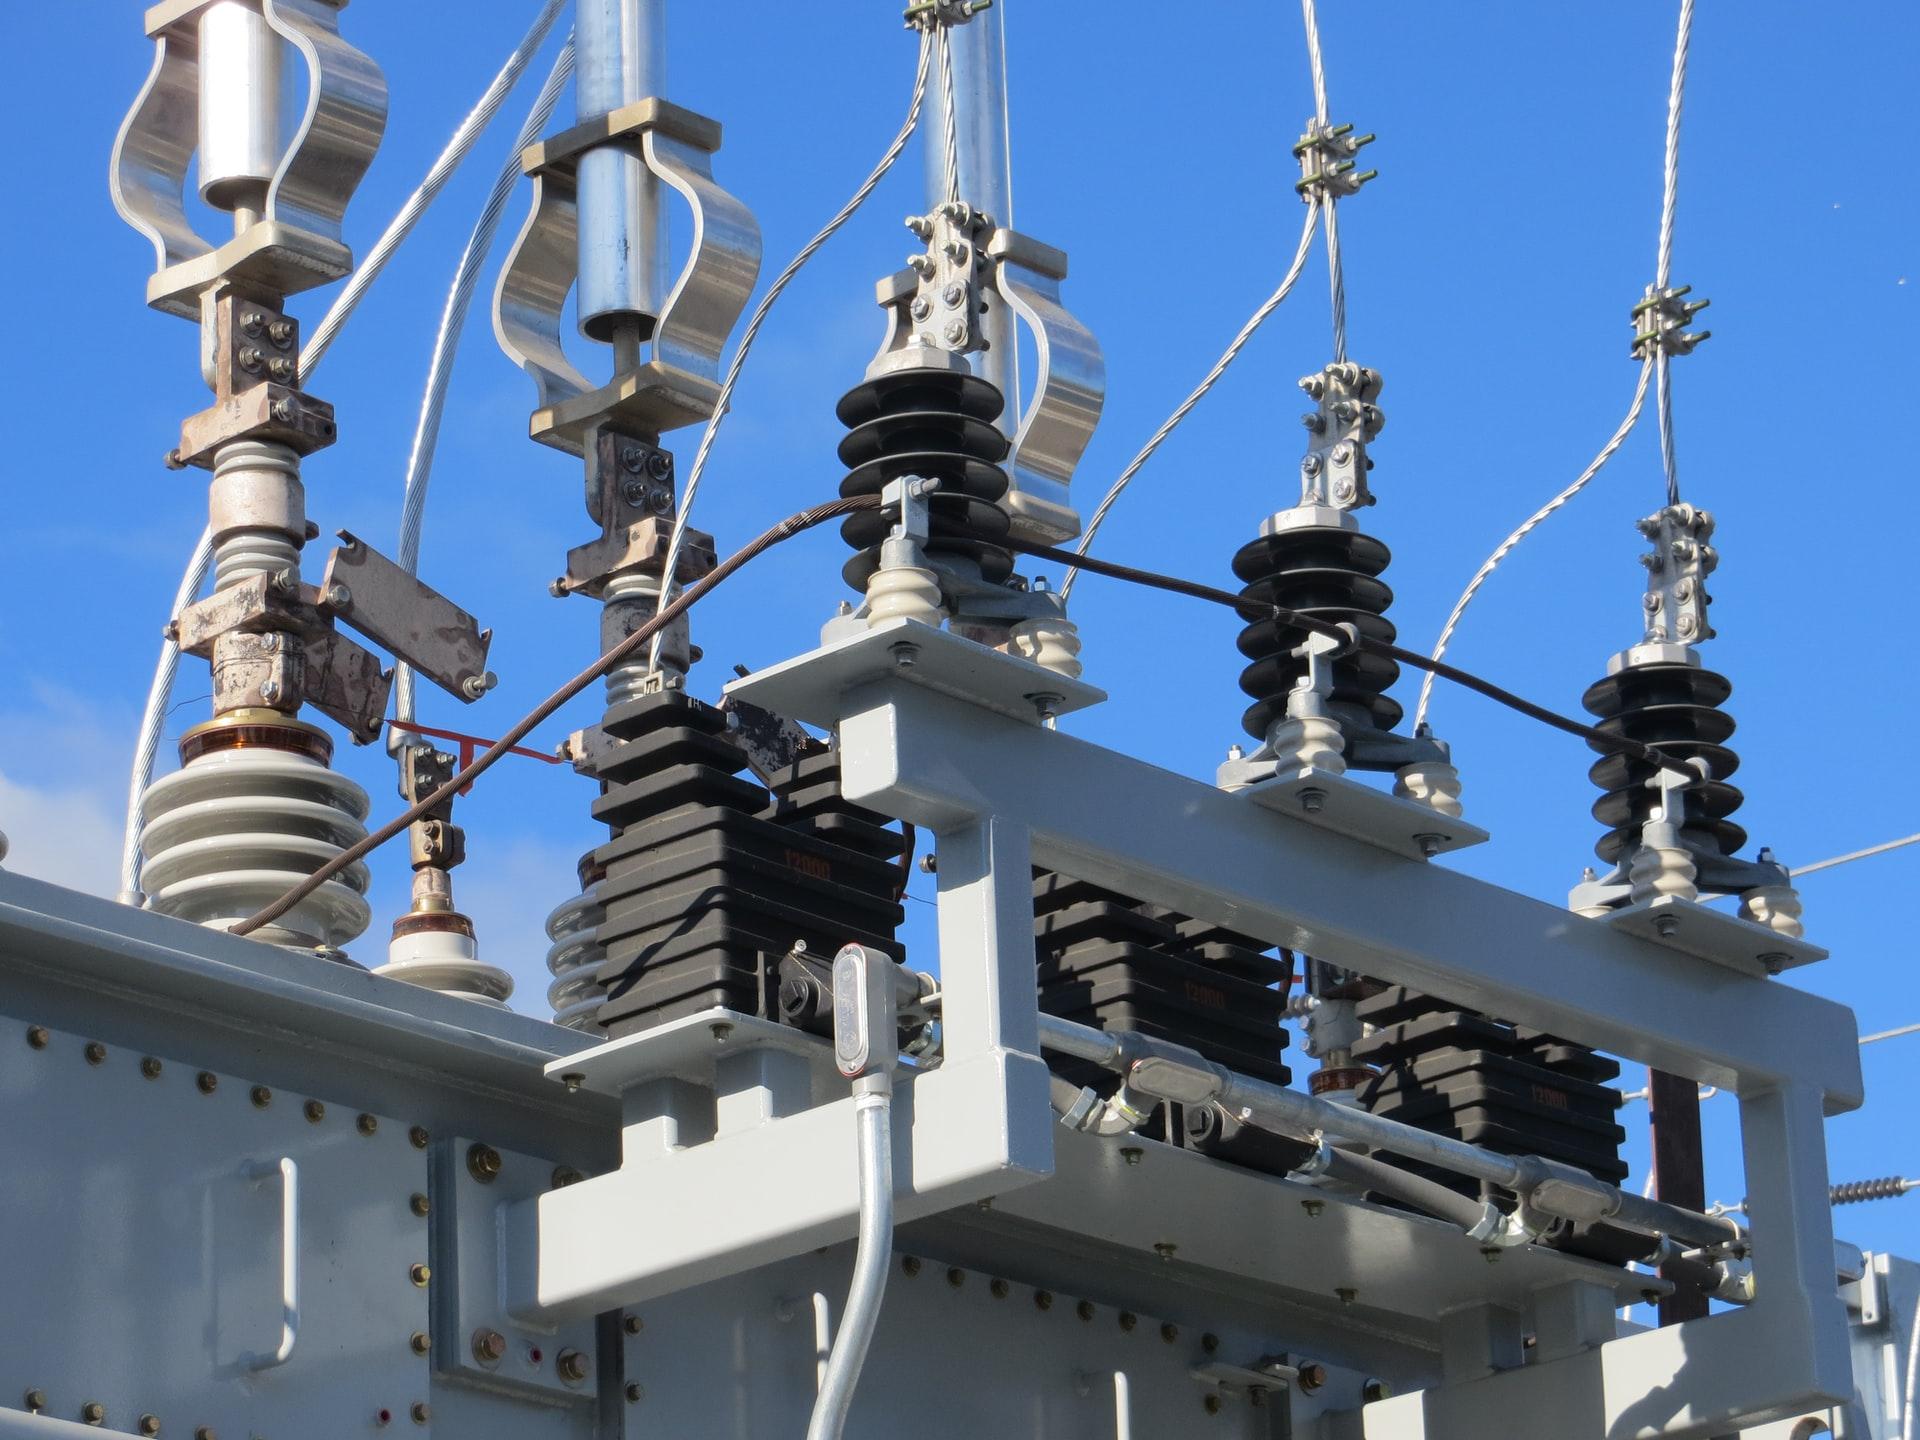 Seguridad de suministro energético. ¿Por qué es tan importante la protección de la energía?